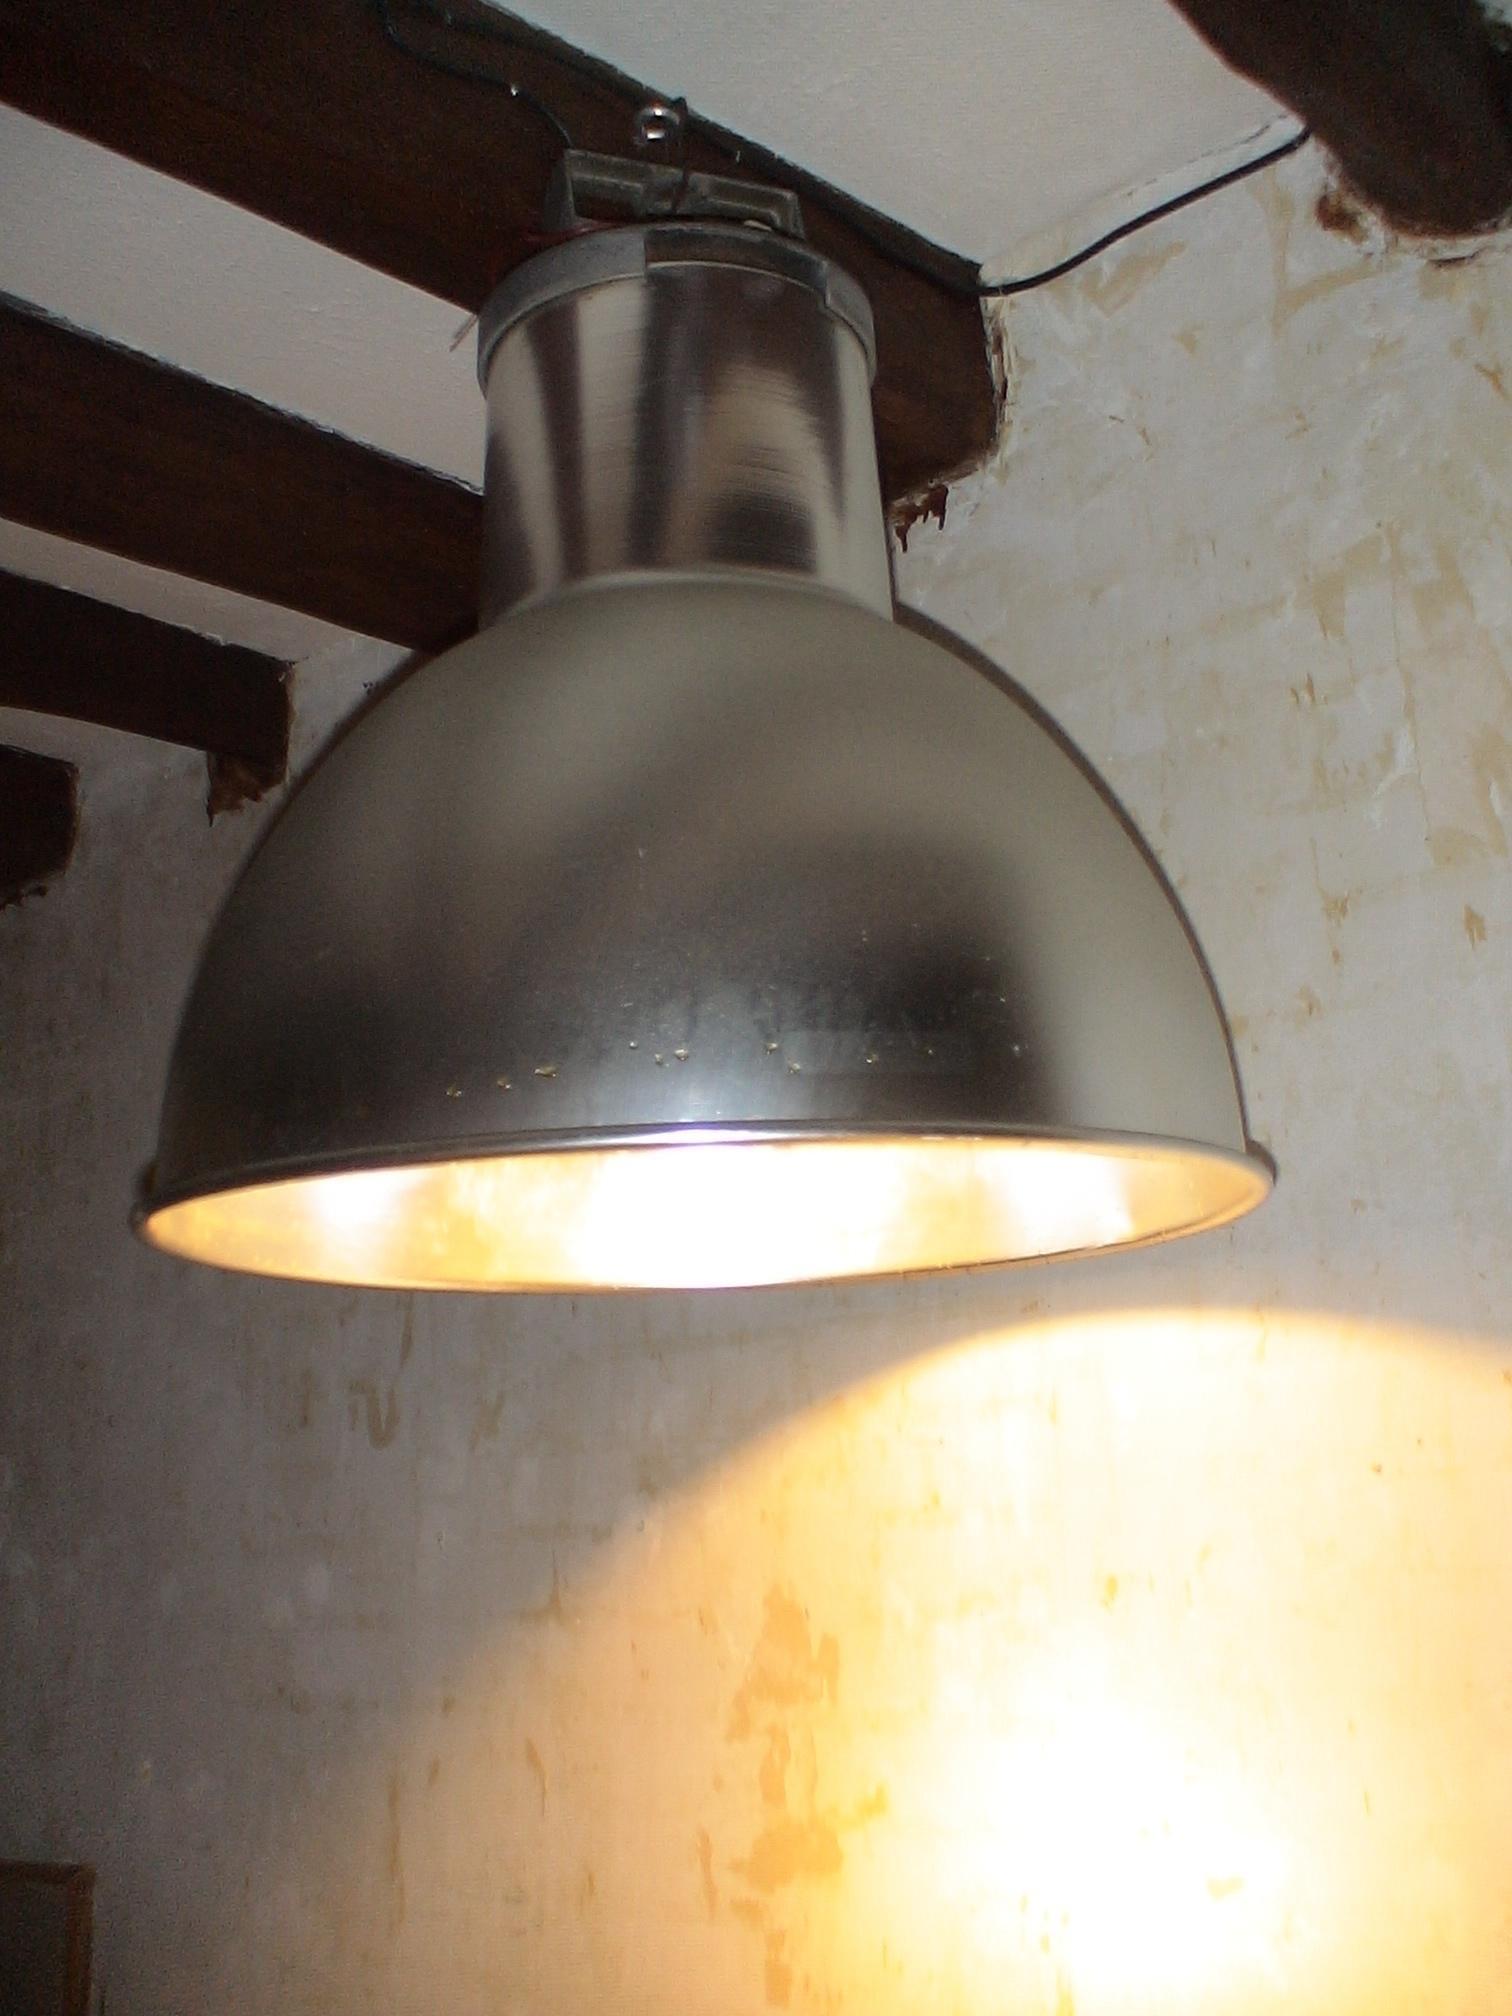 [Image: lampe.jpg]